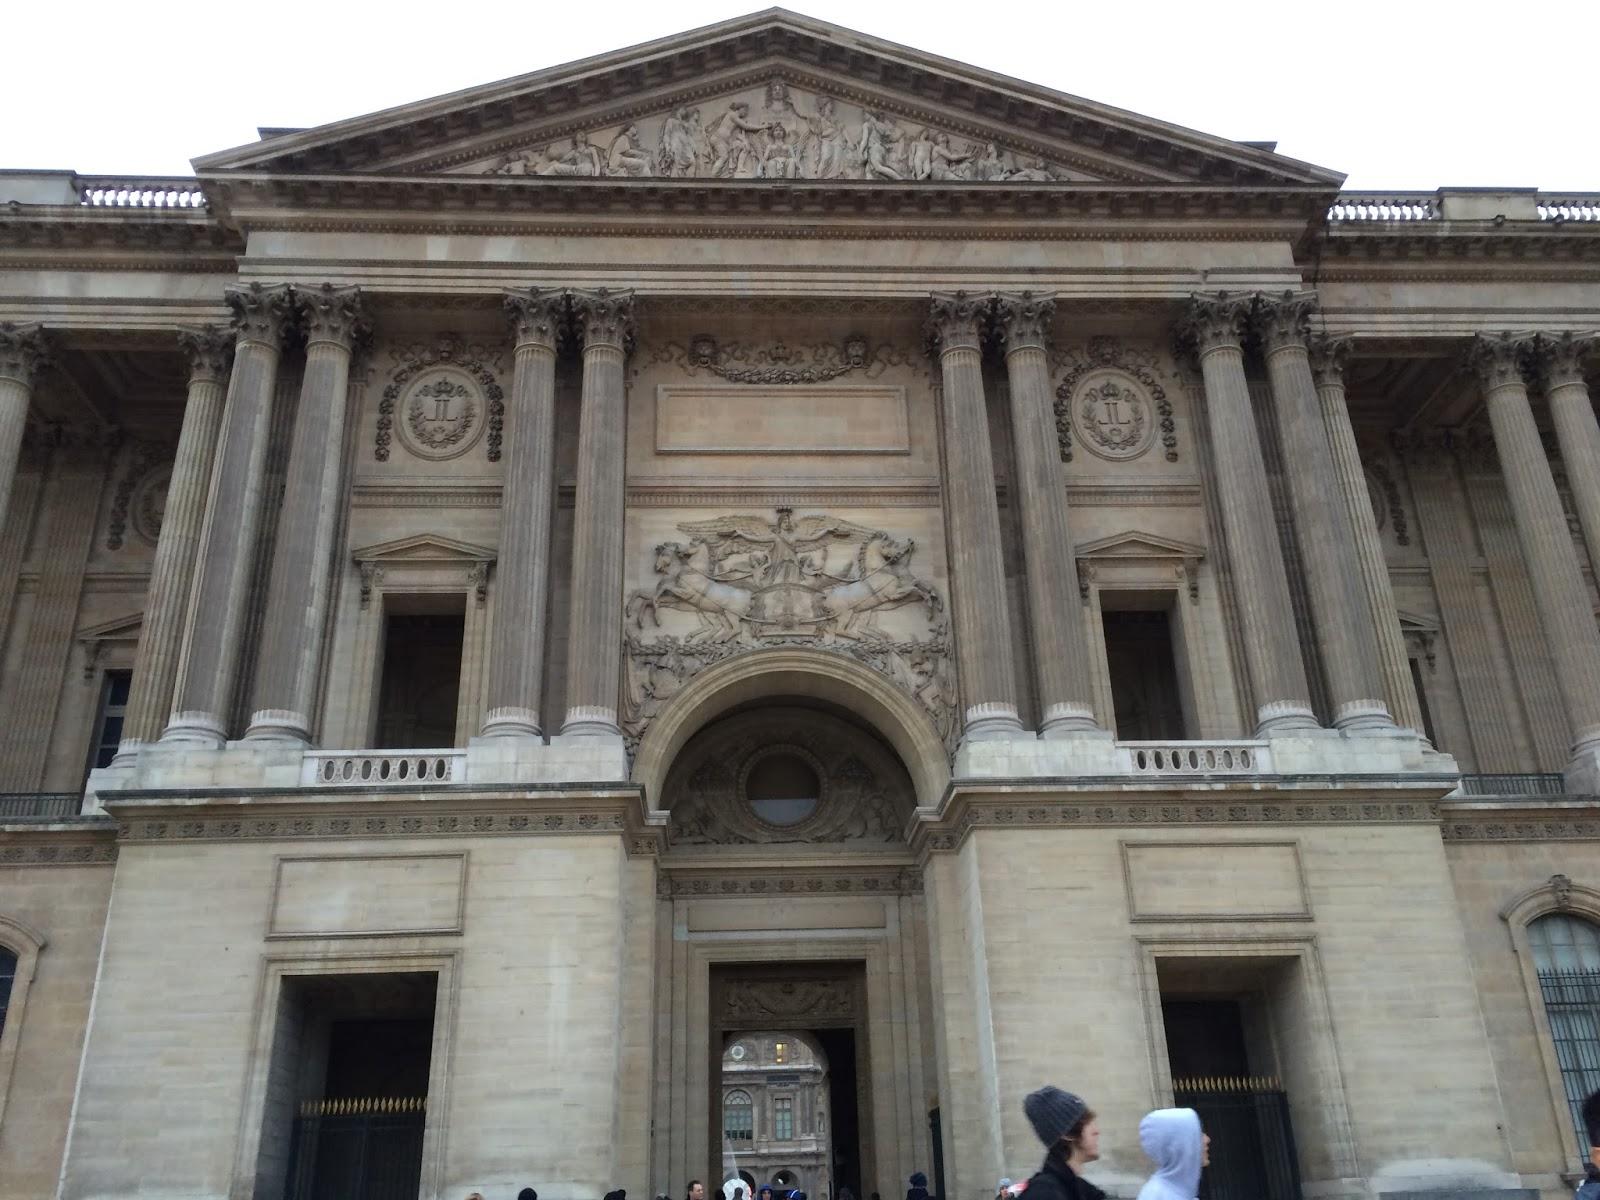 ルーブル宮東側正面(Colonnade de Perrault)